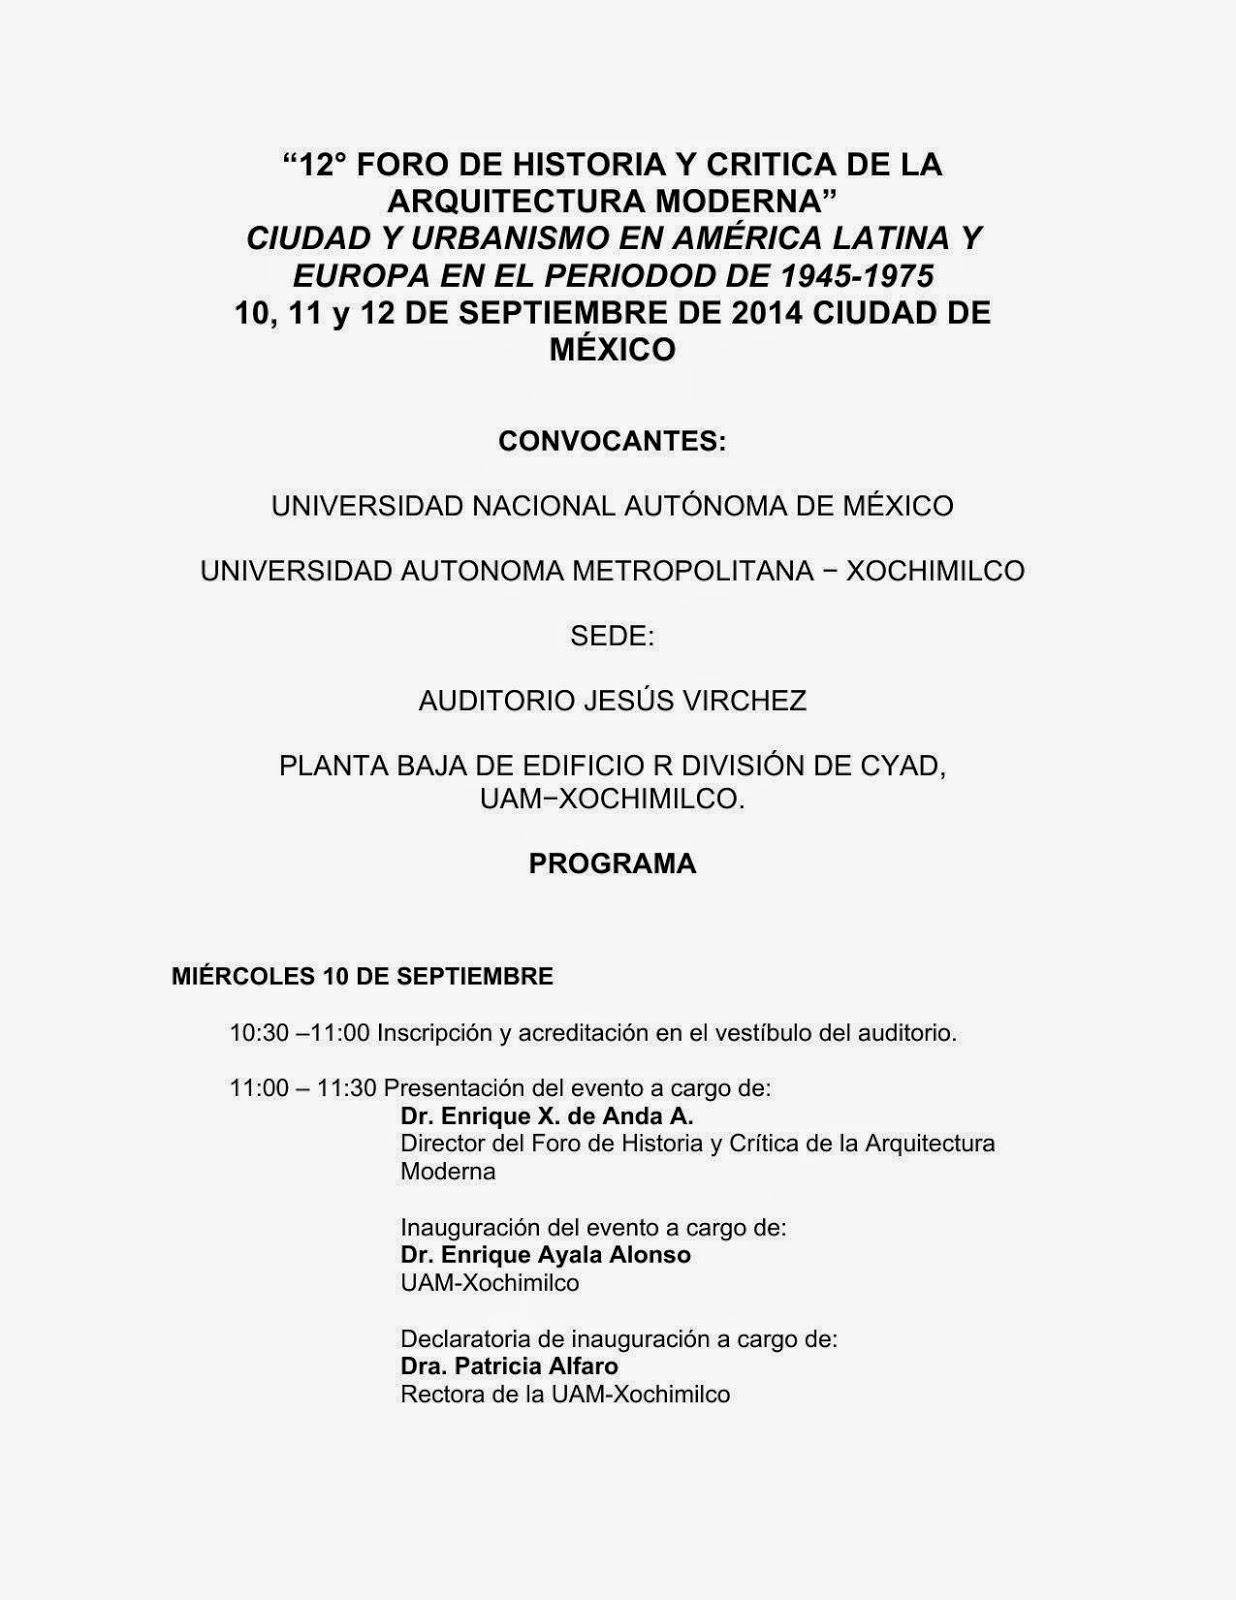 Proteccion del patrimonio arquitectonico siglo xx for Historia de la arquitectura moderna